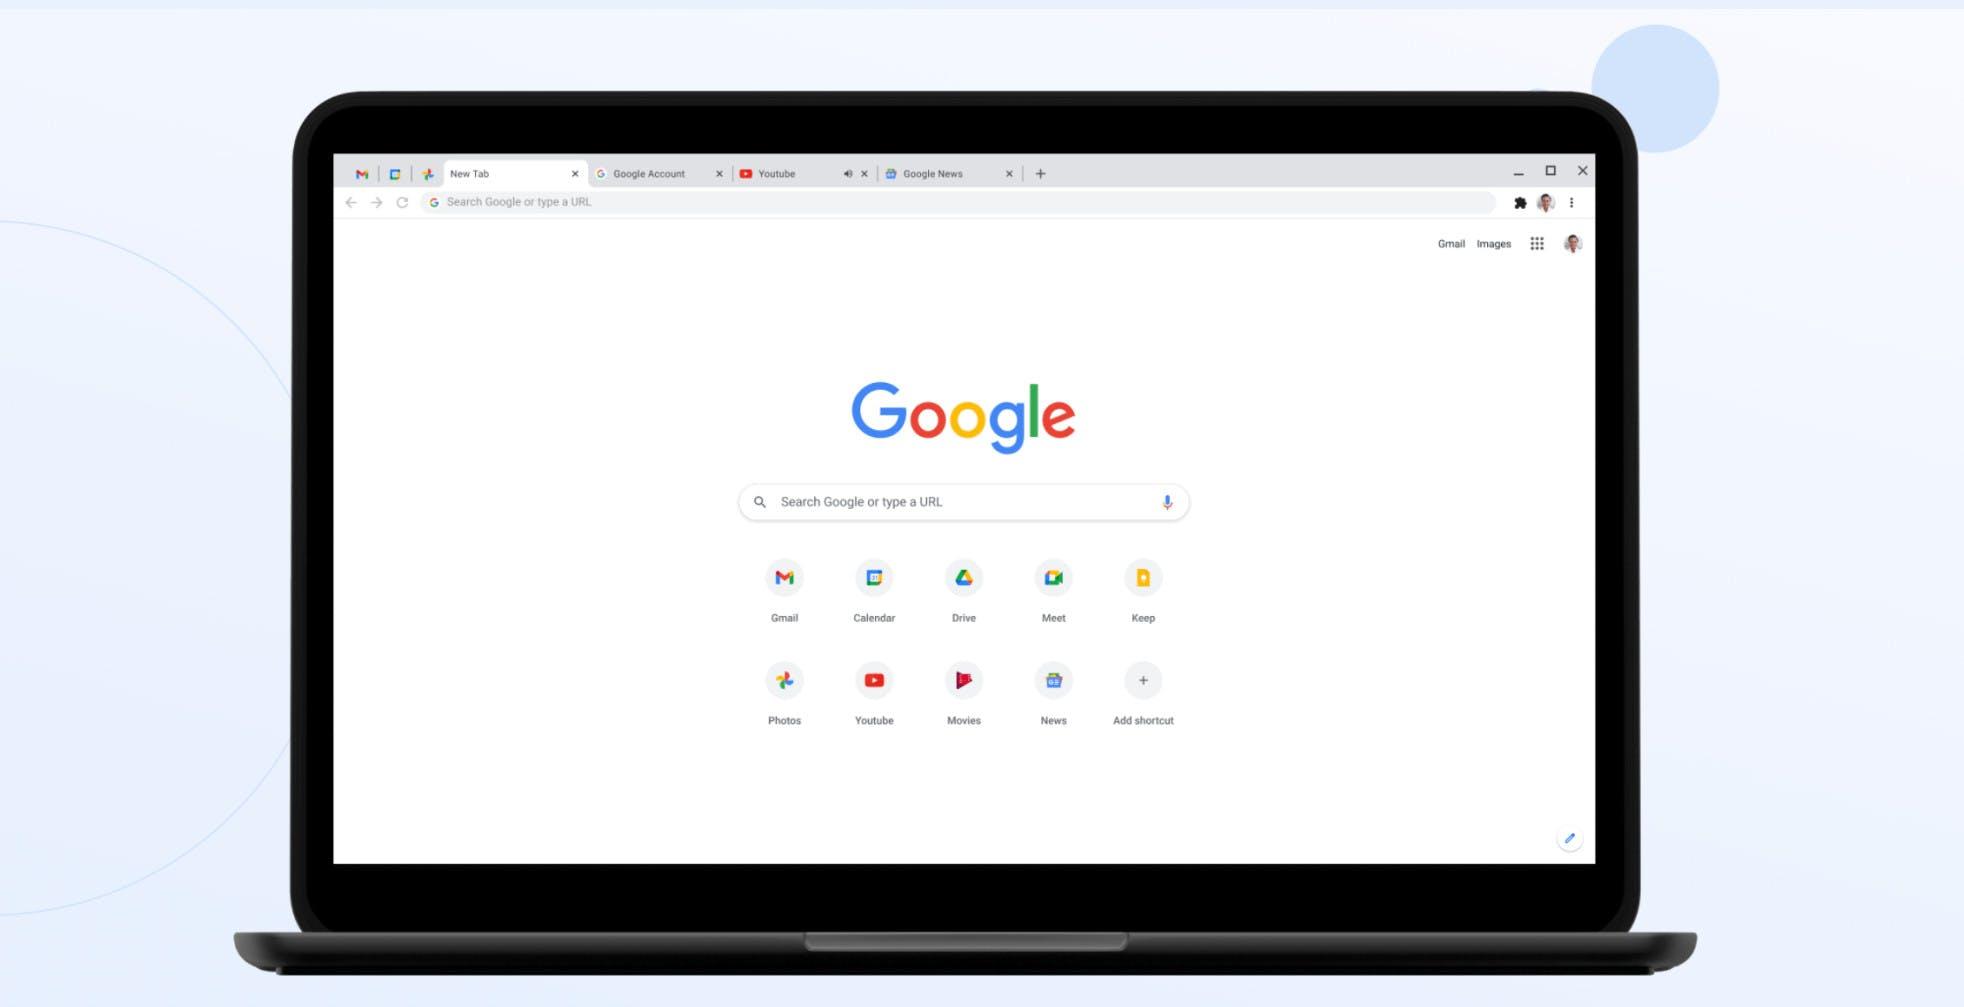 Estensioni che funzionino su tutti i browser: ecco il progetto che accomuna Apple, Google, Microsoft e Mozilla